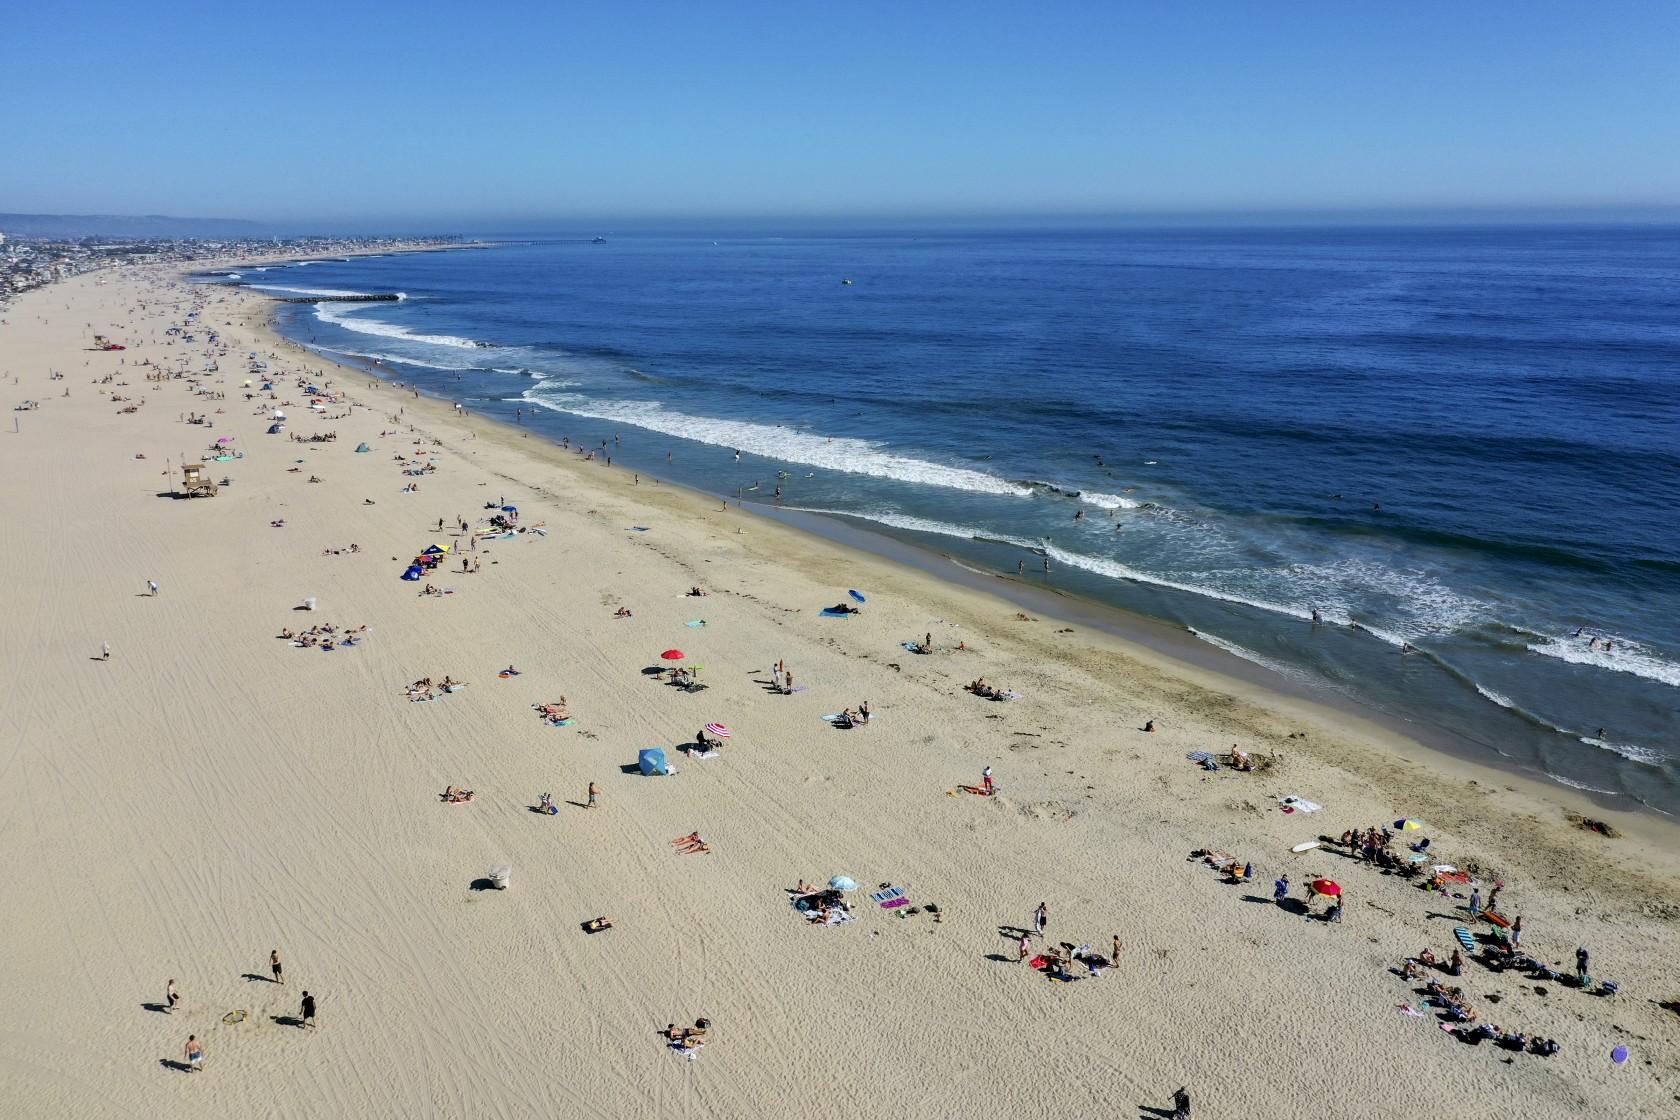 熱浪來襲,民眾開始湧向海灘消暑。洛杉磯時報